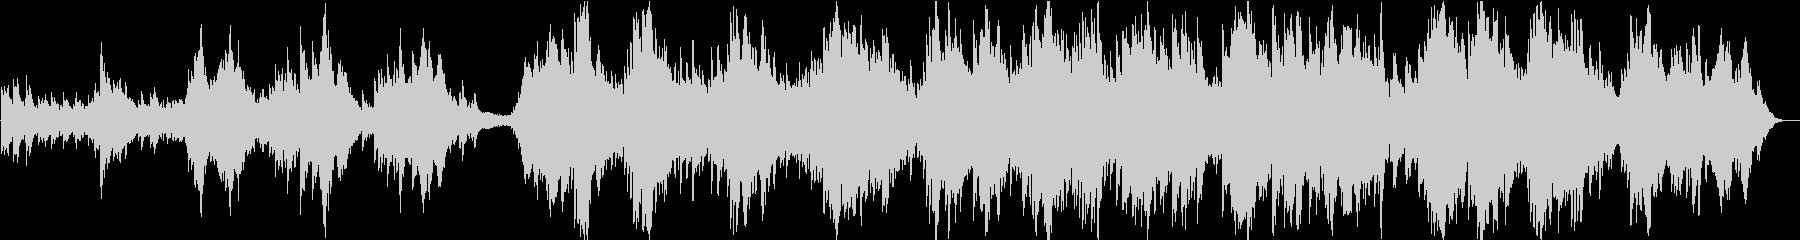 現代の交響曲 室内楽 アンビエント...の未再生の波形